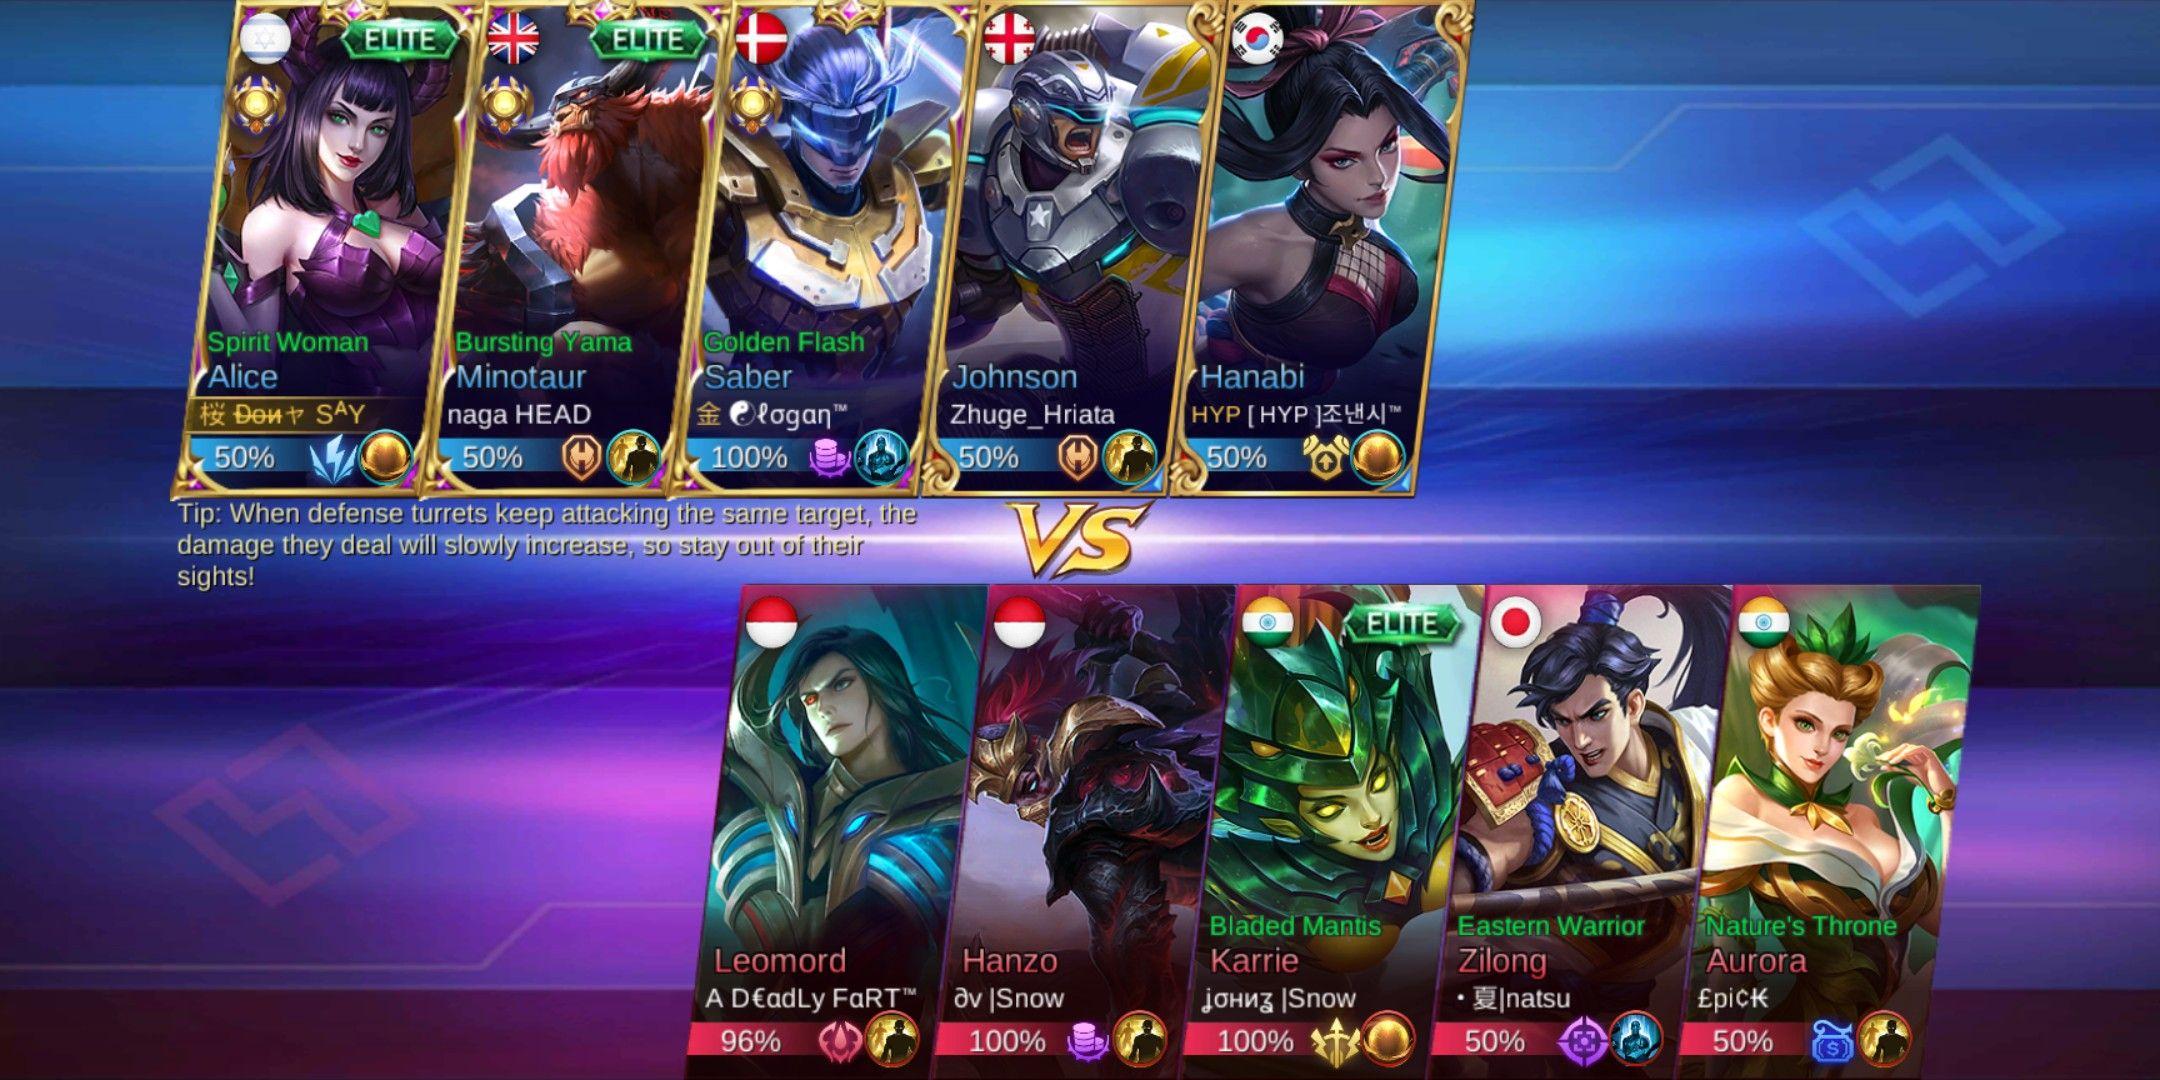 High Level Rank Mobile Legends Legend Pandora Screenshot